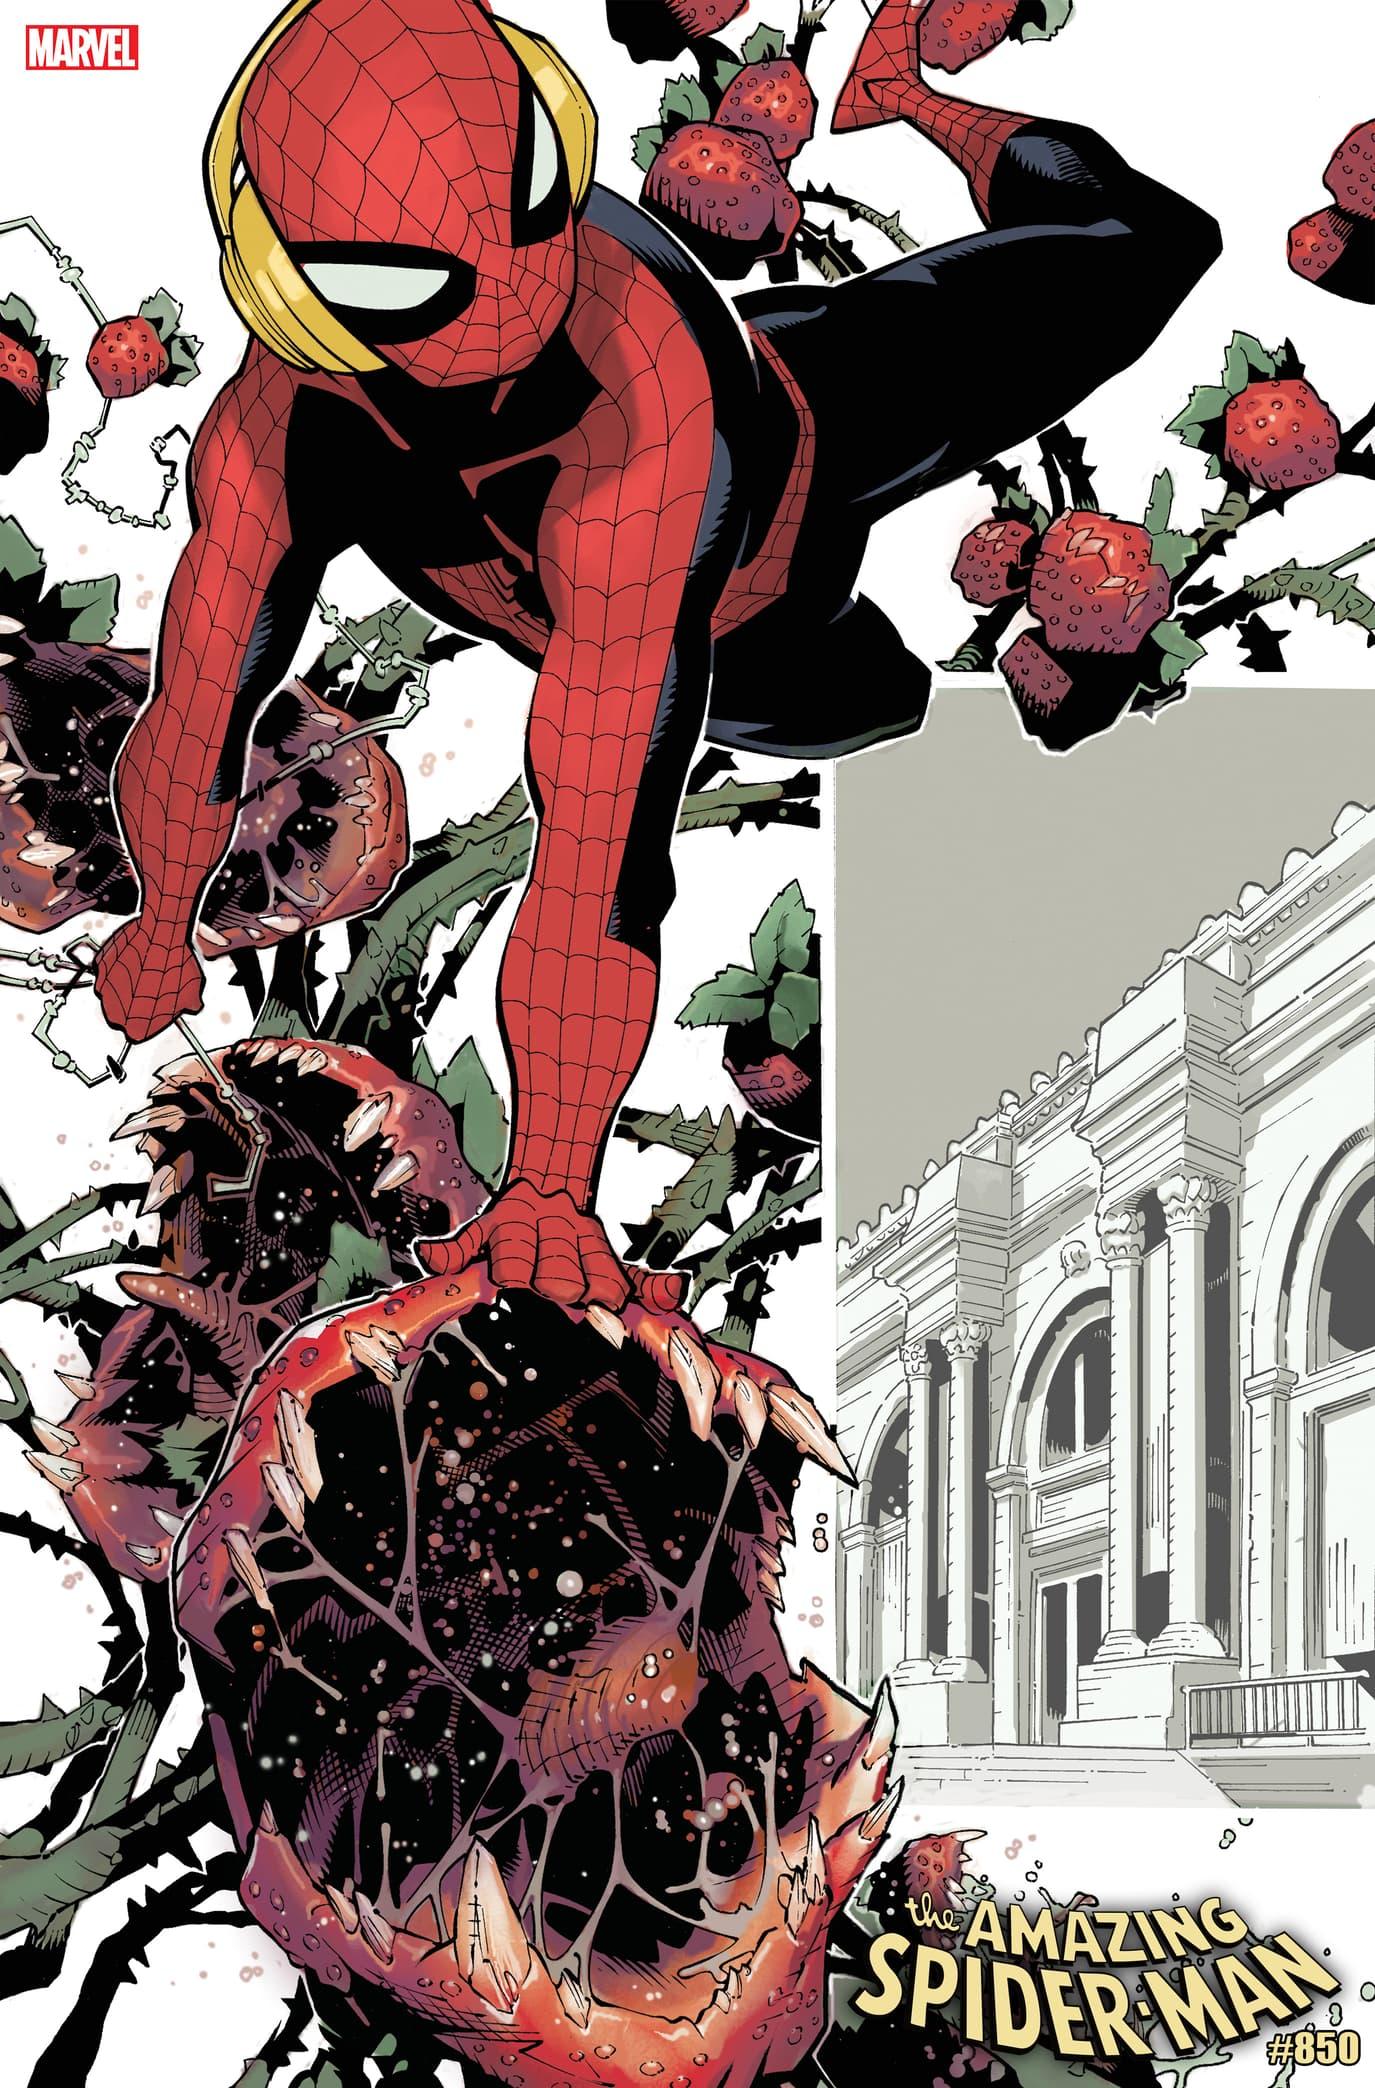 AMAZING SPIDER-MAN (2018) #850